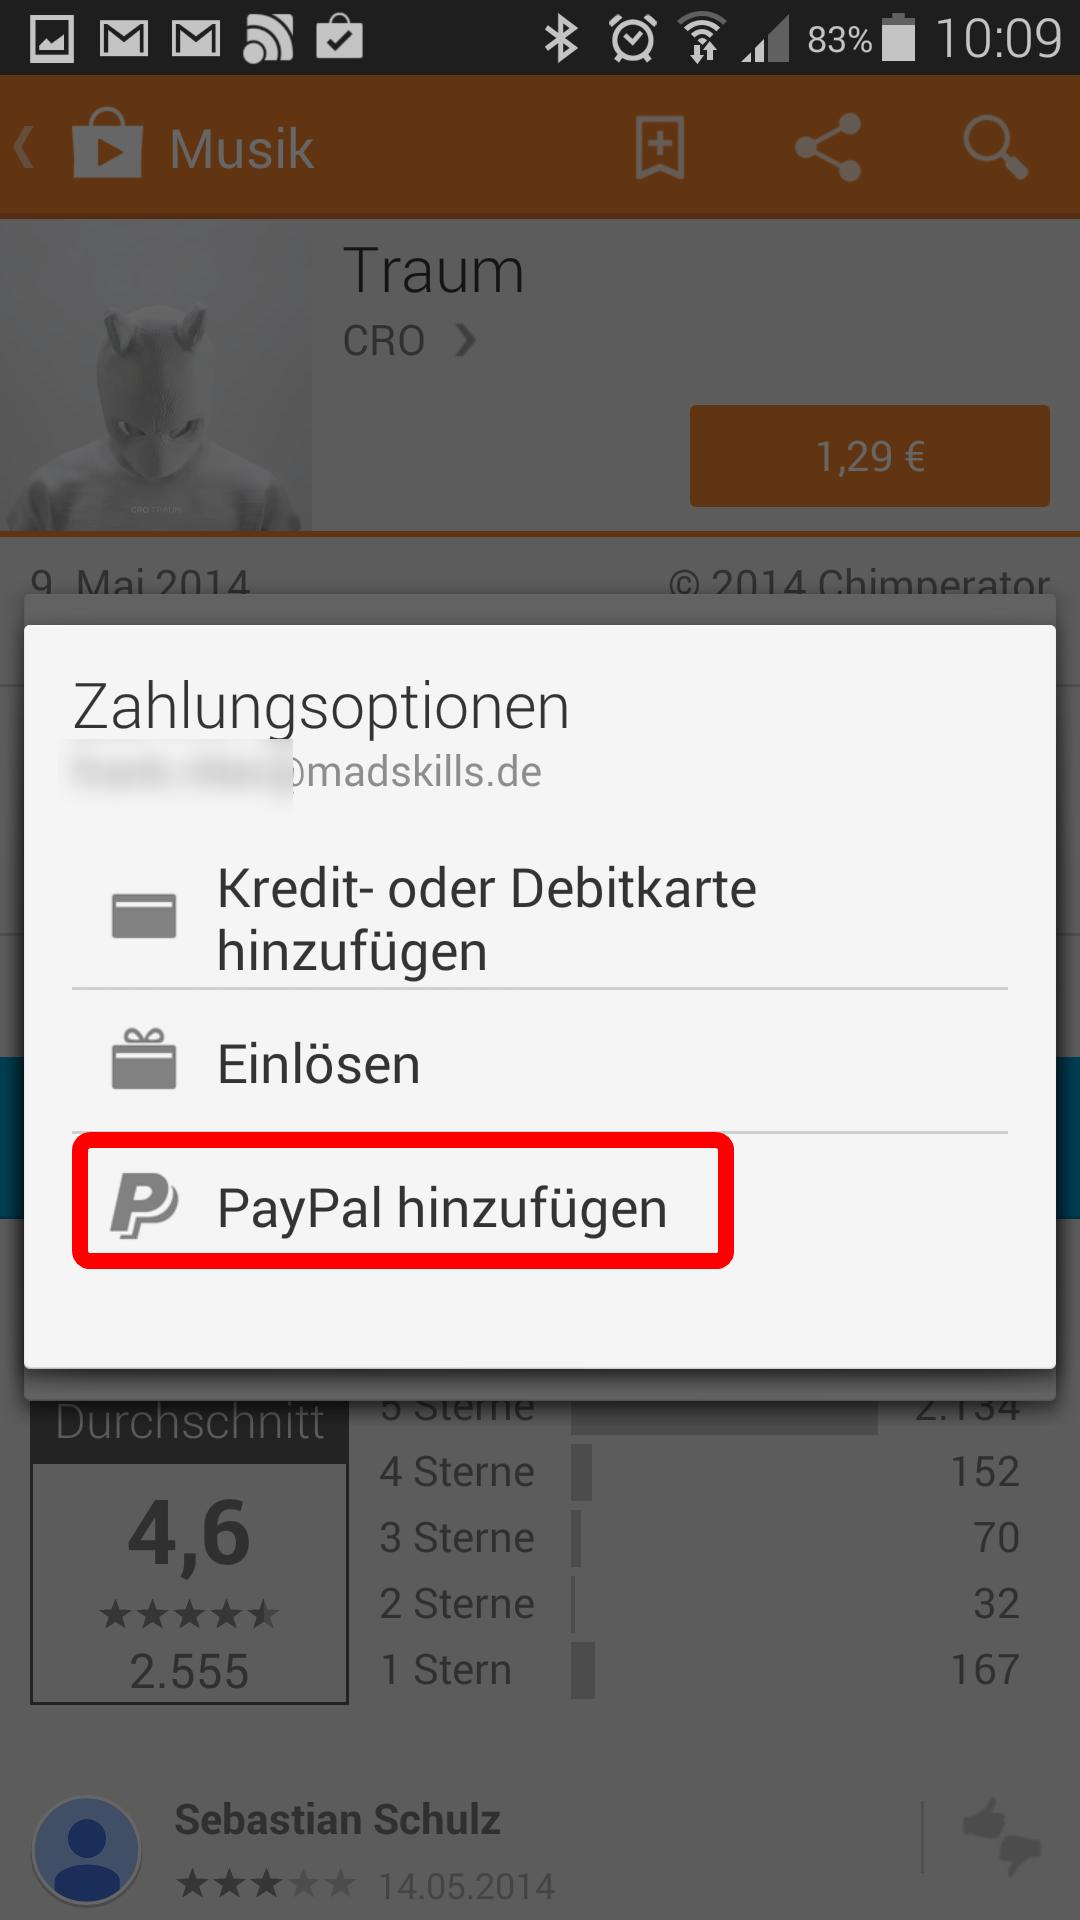 Zahlungsquelle HinzufГјgen Paypal